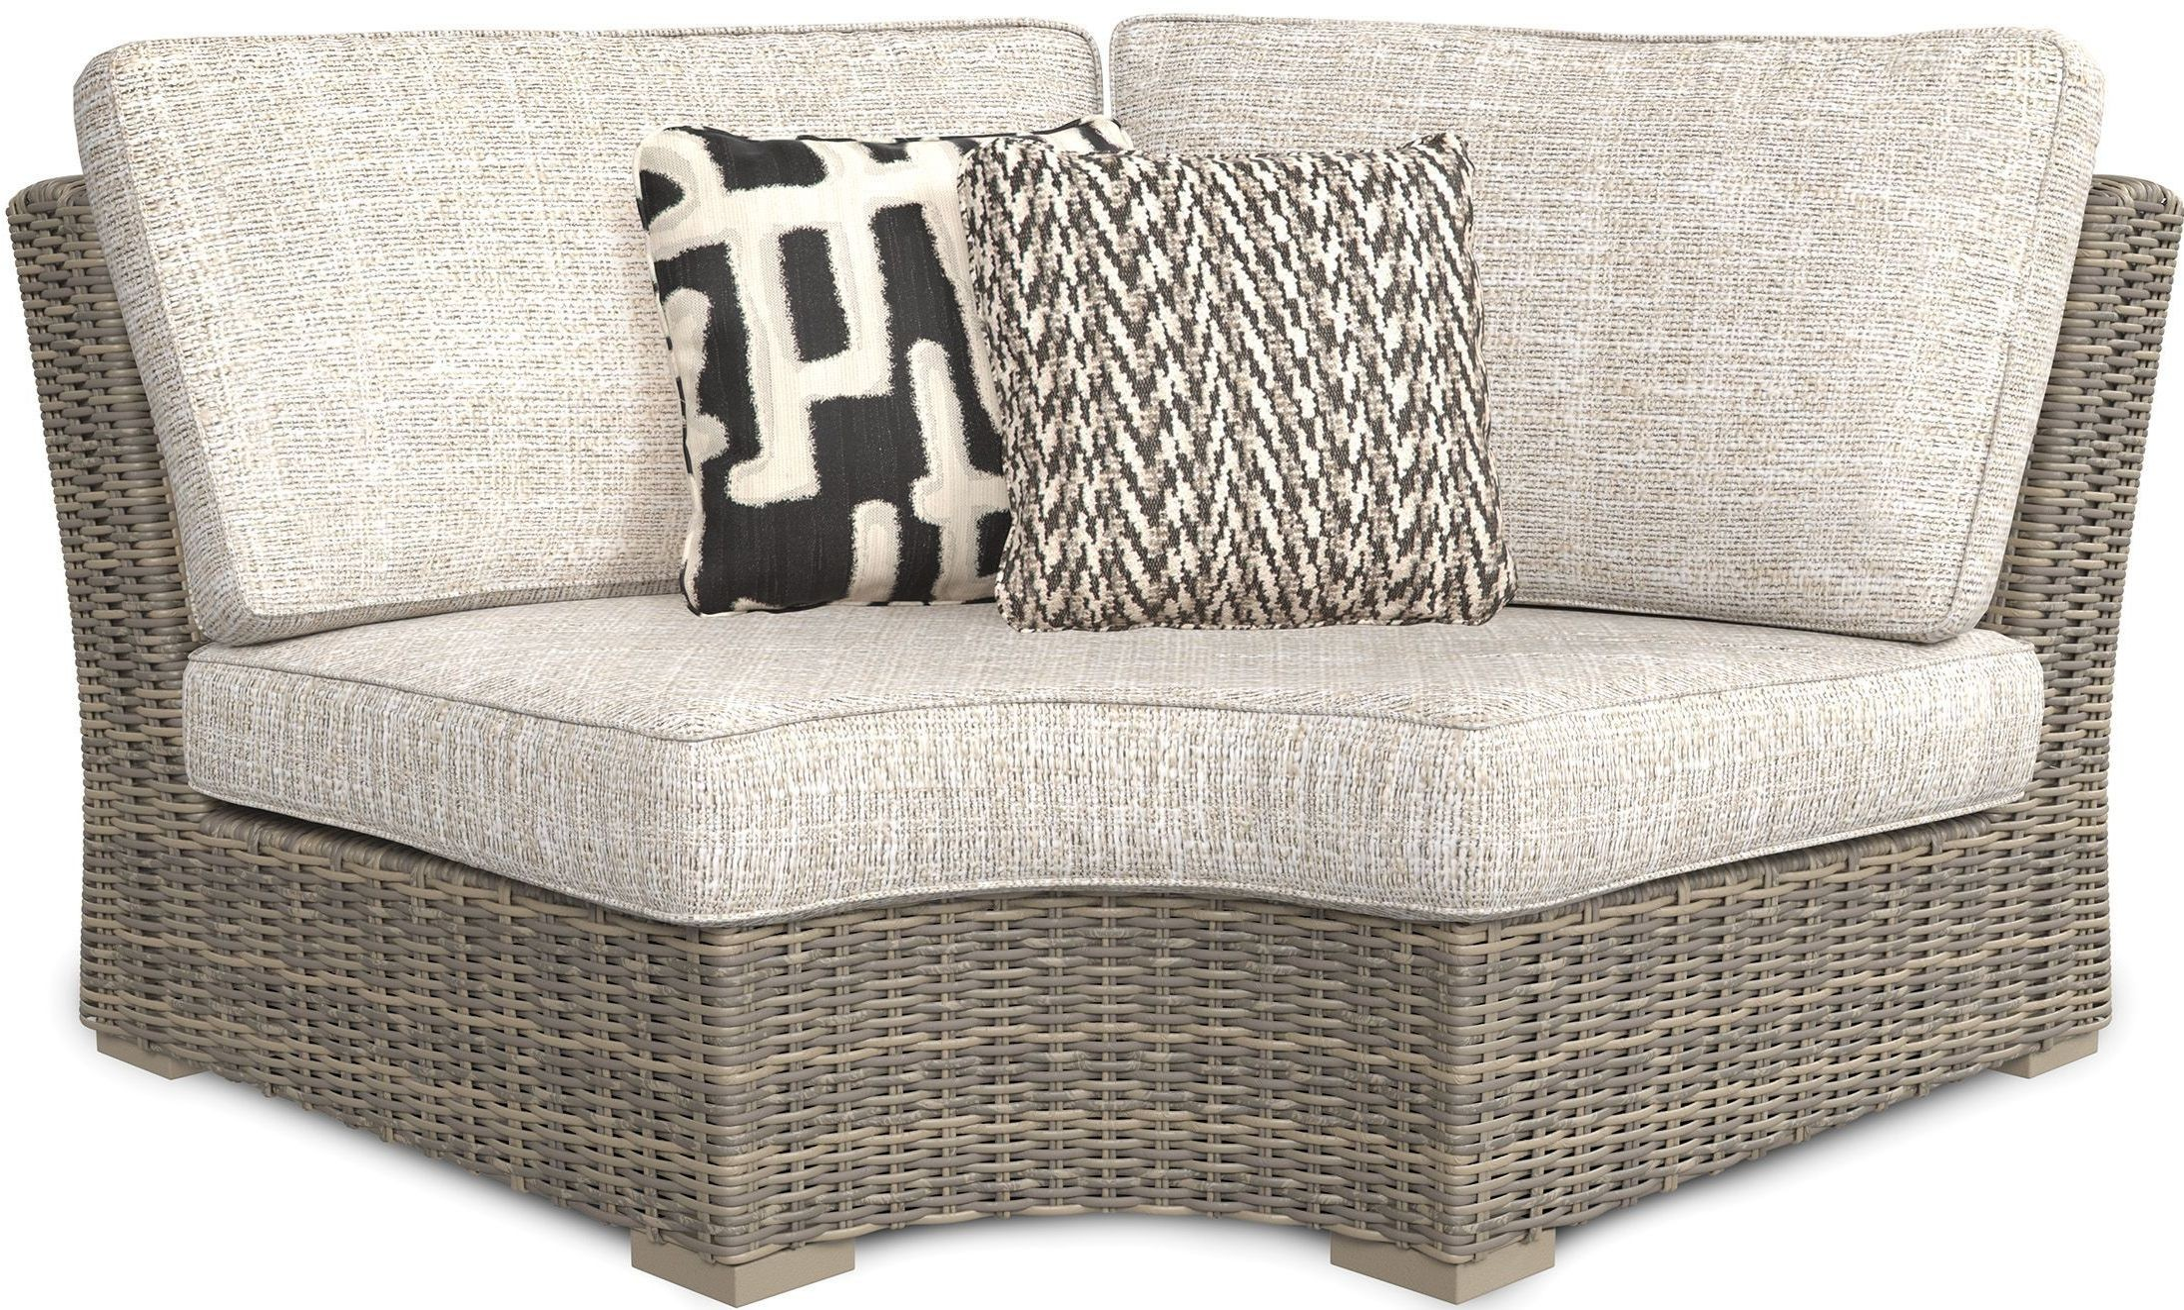 Beachcroft Beige Outdoor Sectional - 1StopBedrooms. on Beachcroft Beige Outdoor Living Room Set  id=90770